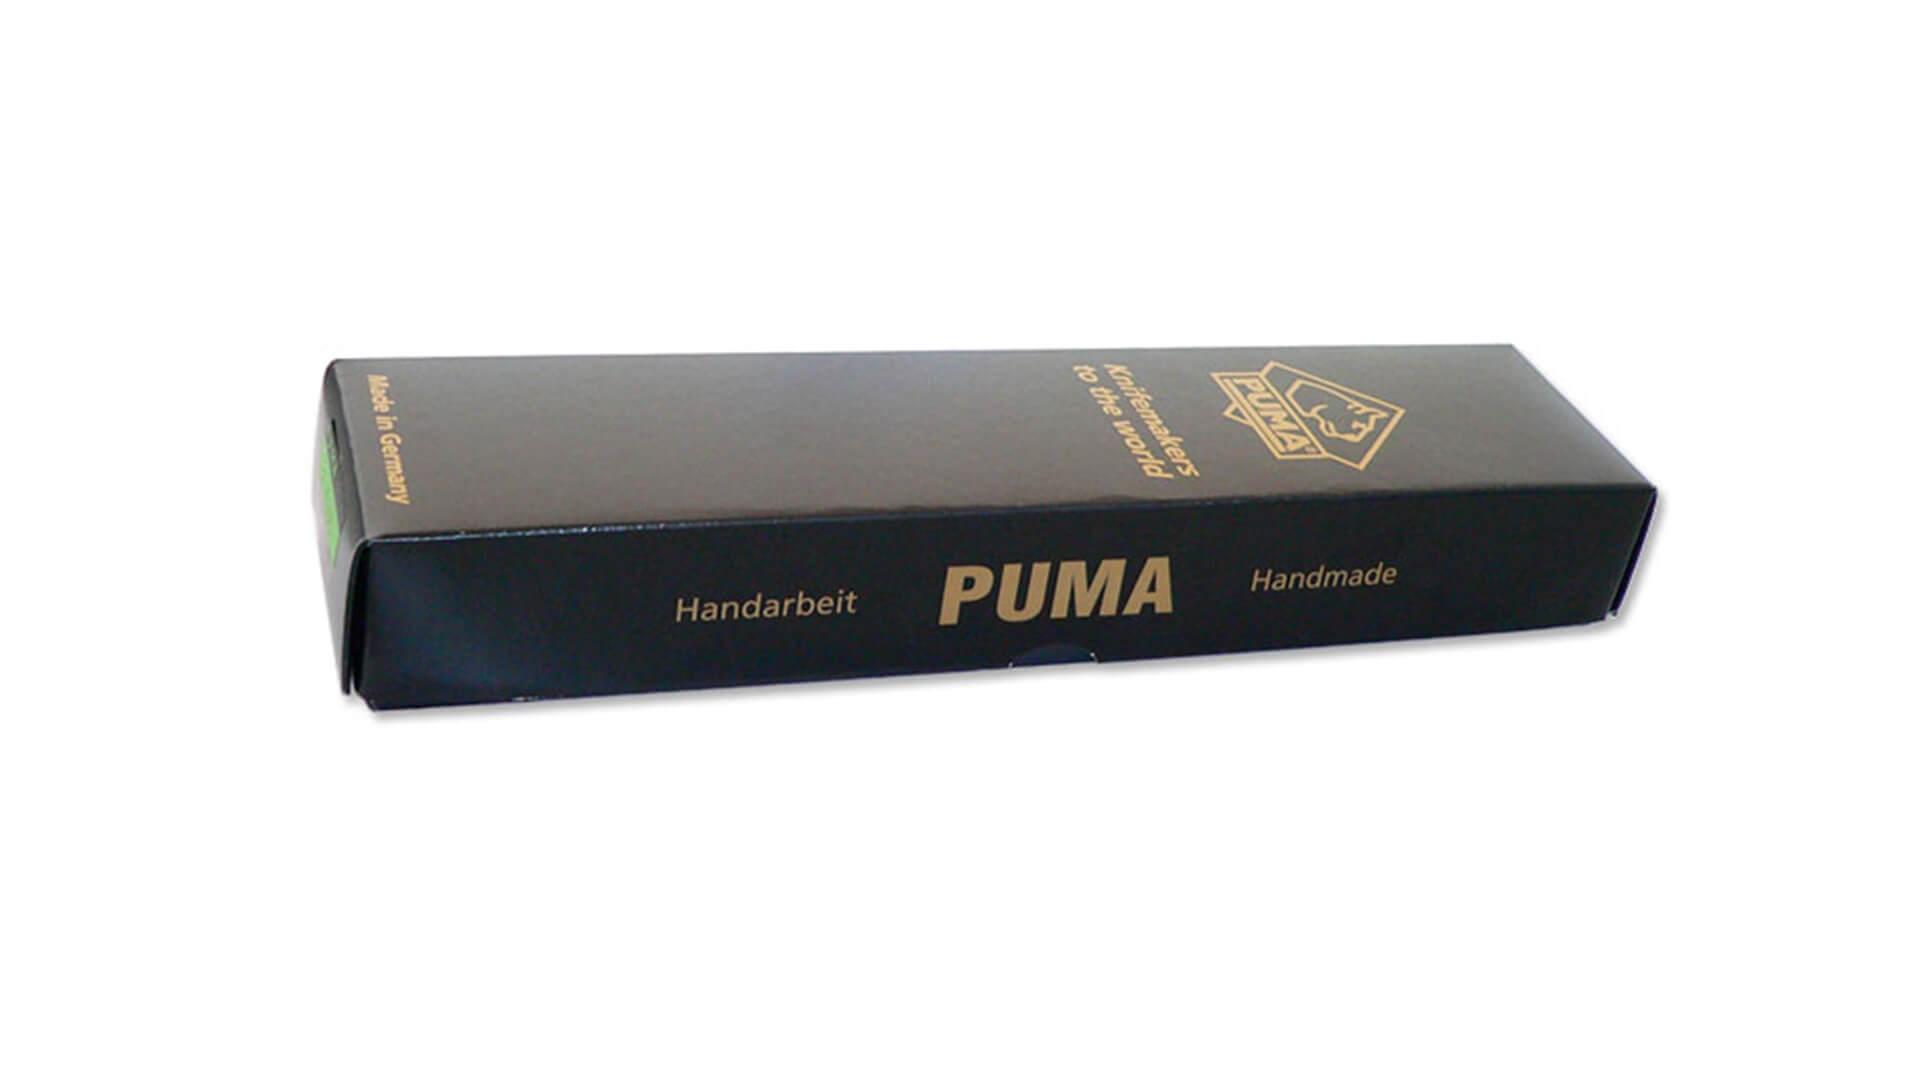 Puma Jagdmesser im Karton kaufen